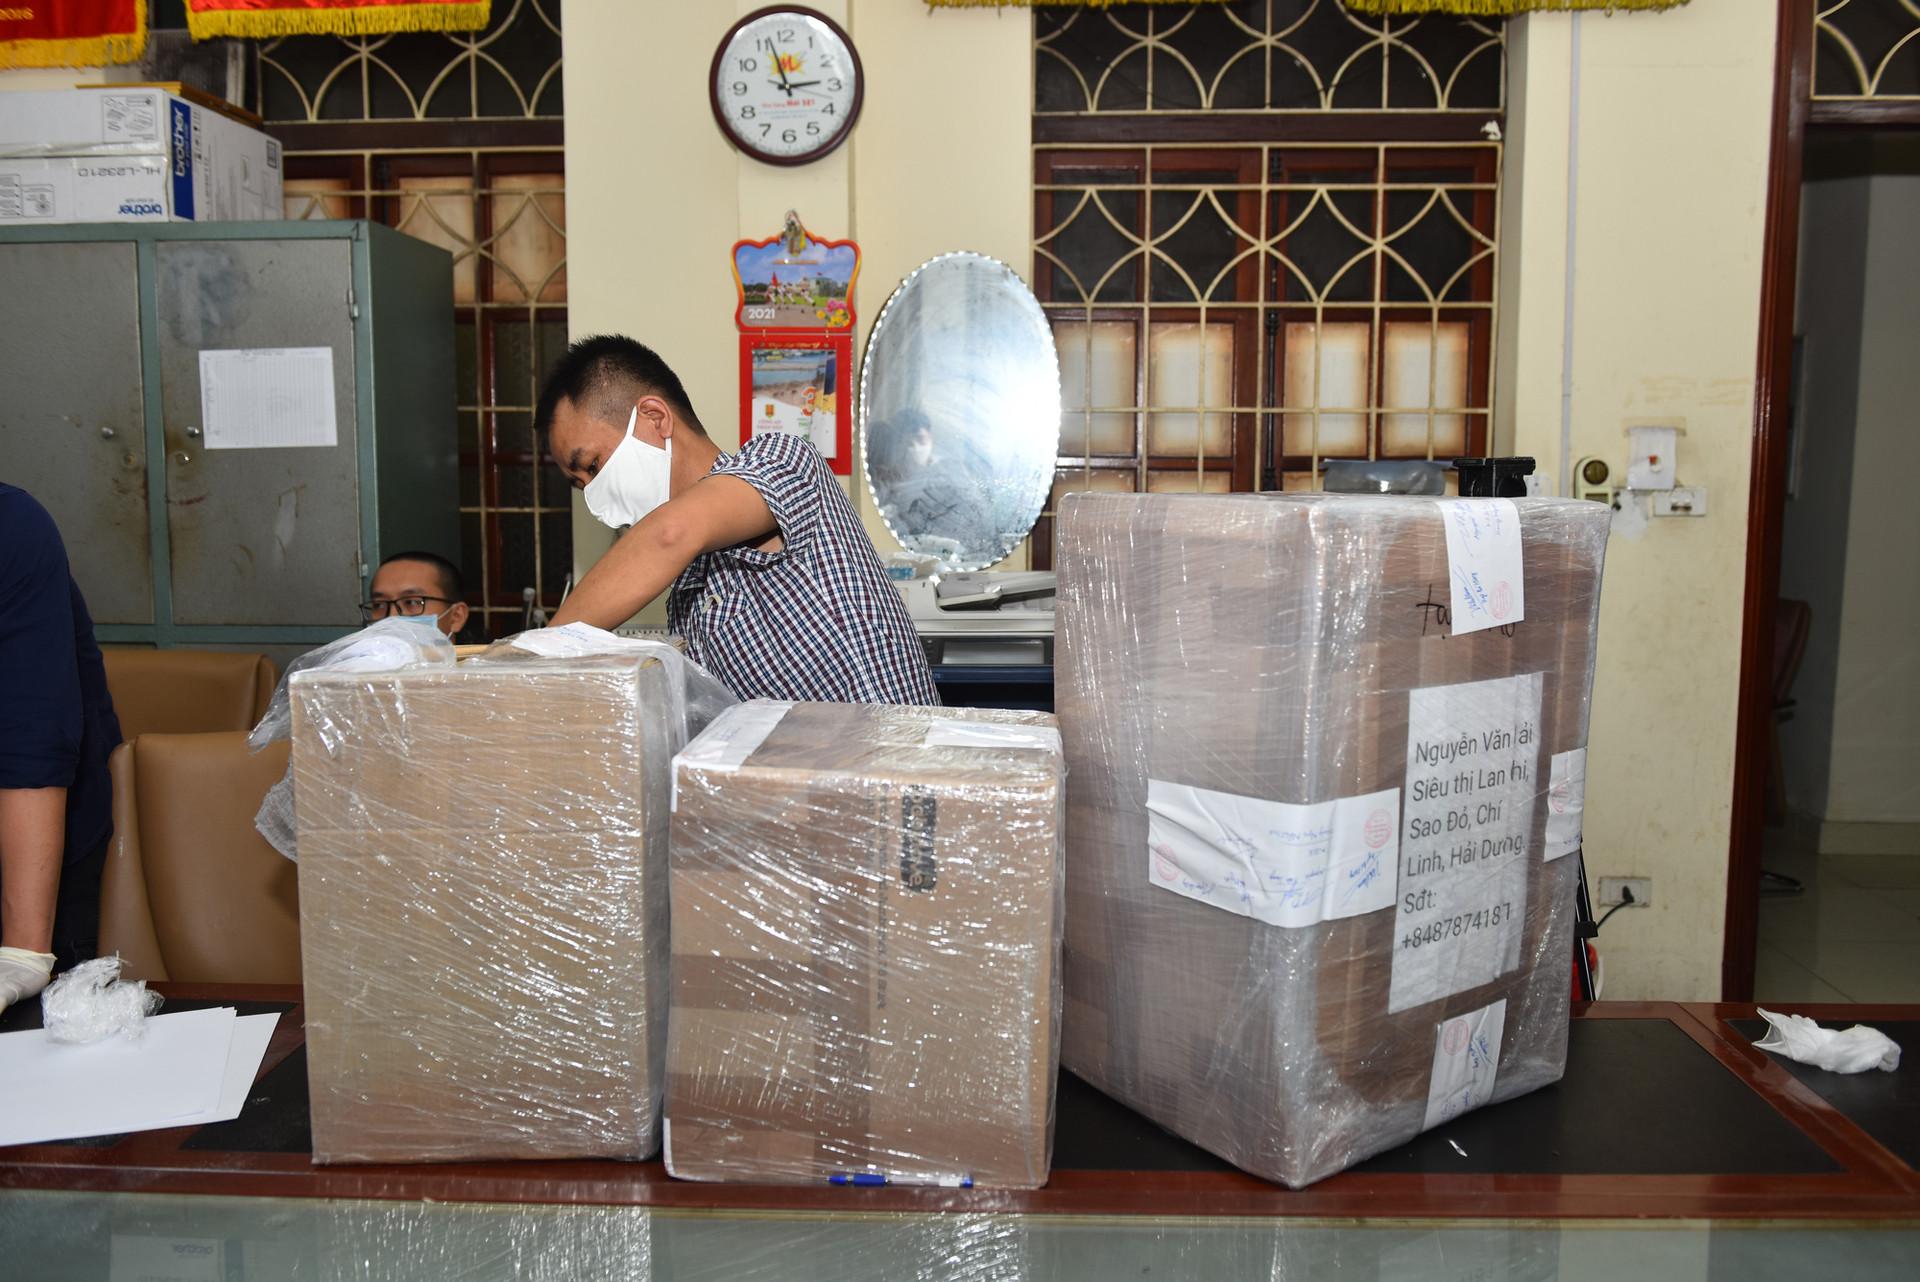 Triệt phá đường dây ma túy lớn nhất từ Châu Âu về Việt Nam qua đường hàng không-2